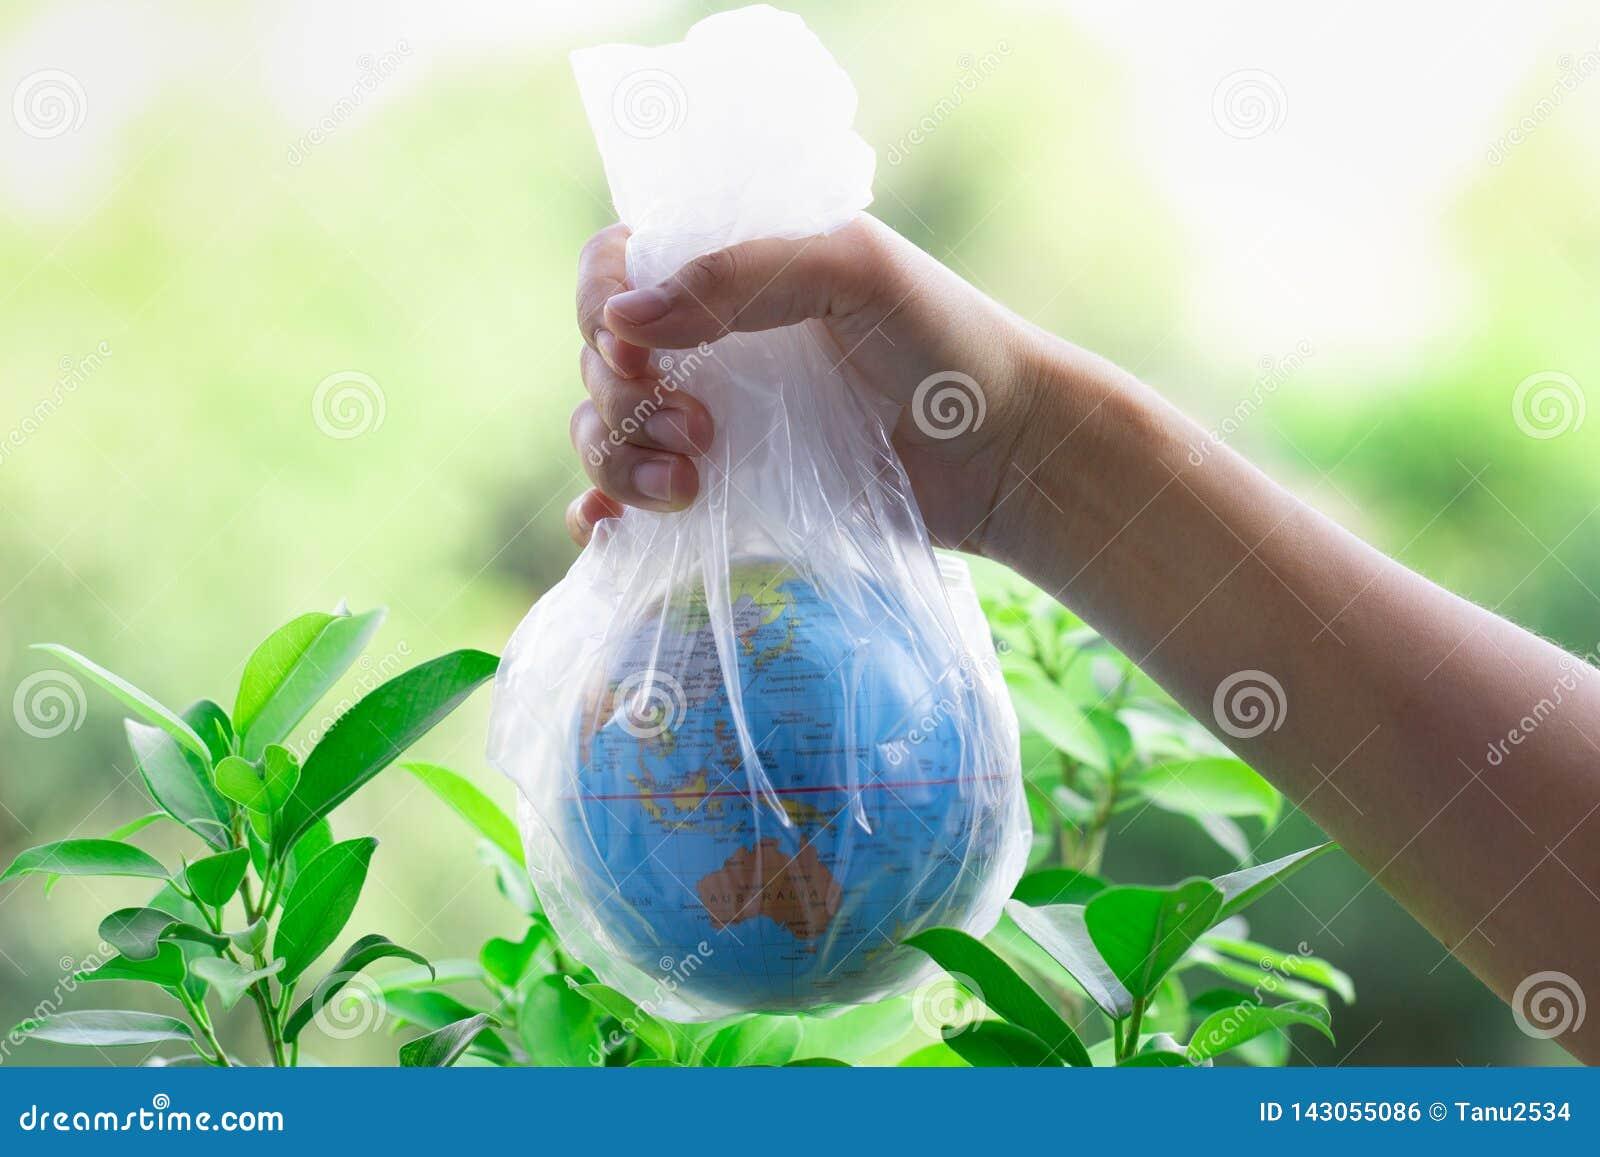 De menselijke hand houdt de aarde in een plastic zak